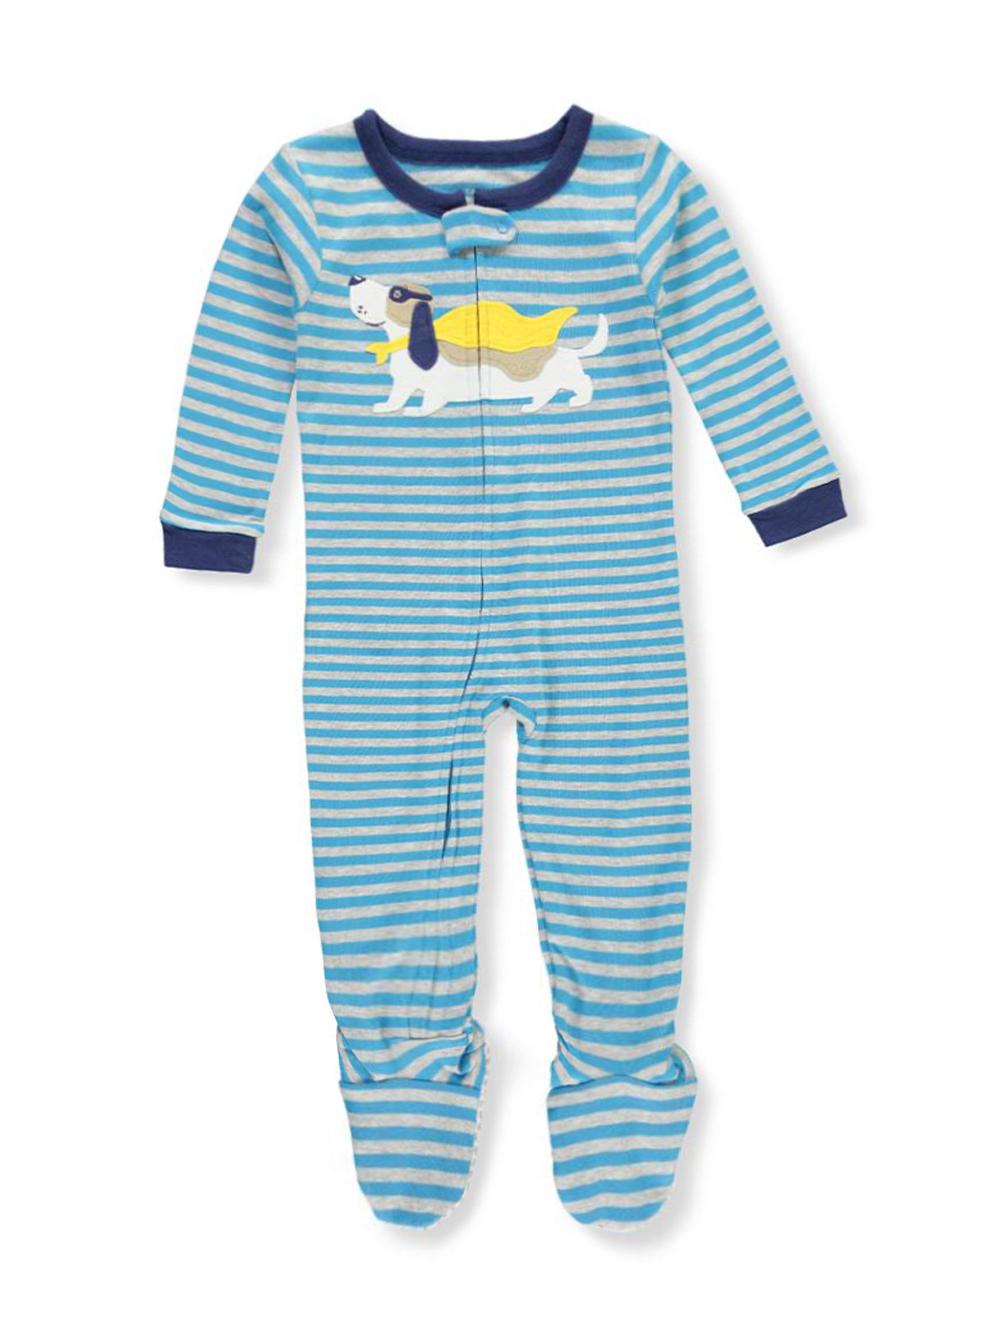 75d7c70b11 Carter s Boys  Footed Pajamas